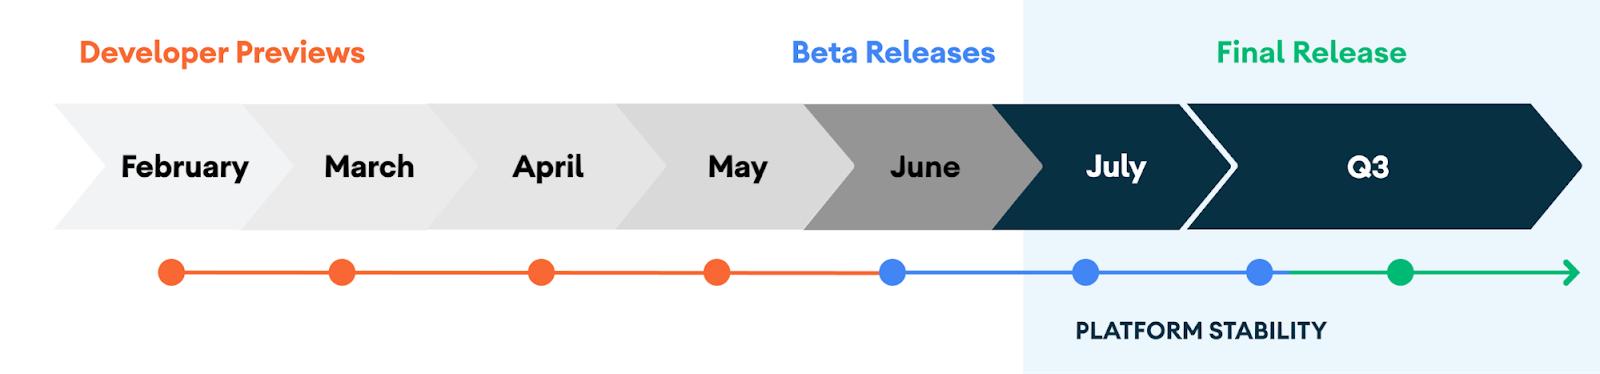 Cronología de la Estabilidad de la plataforma